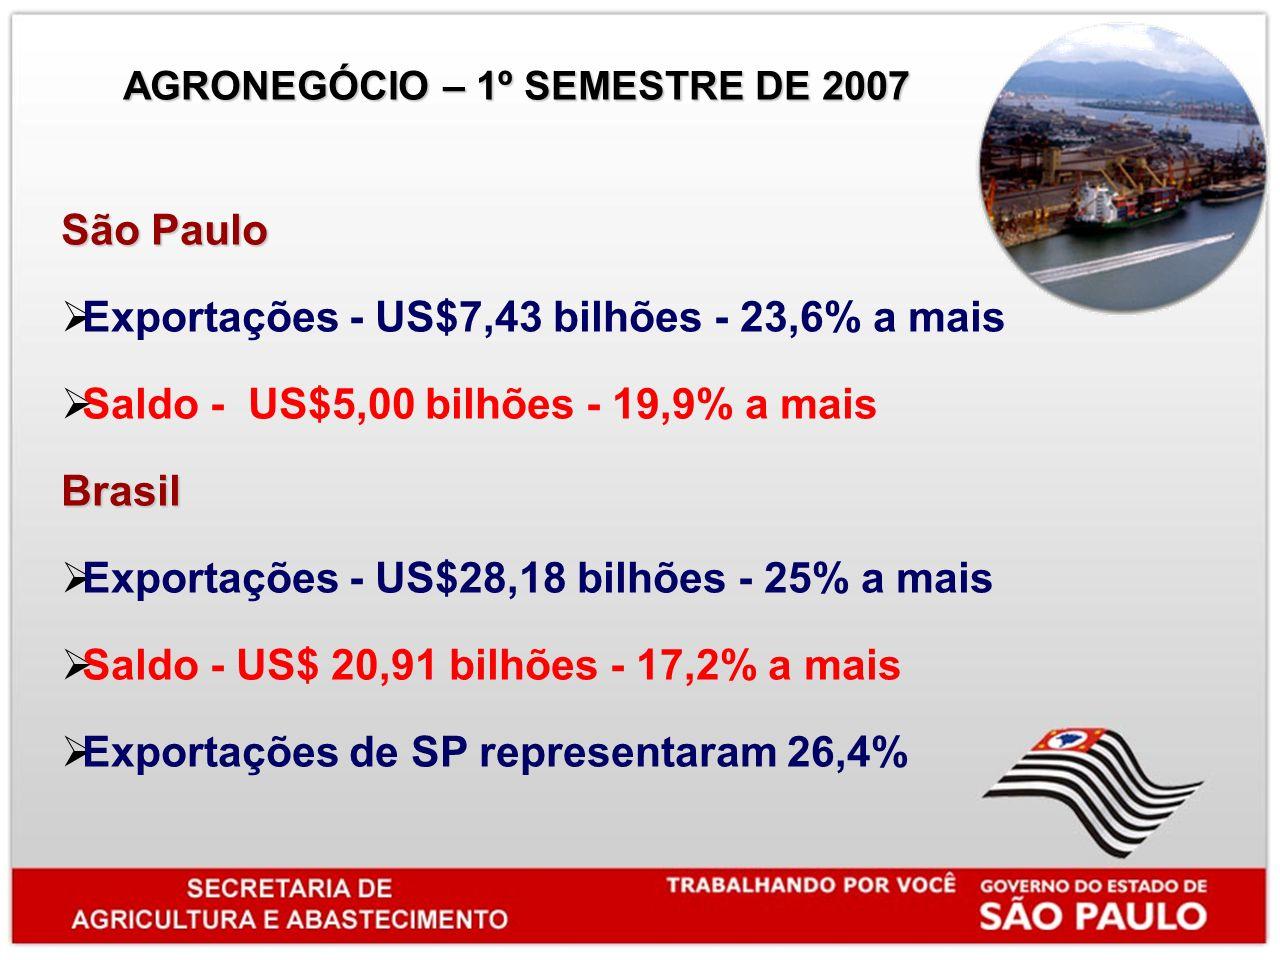 São Paulo Exportações - US$7,43 bilhões - 23,6% a mais Saldo - US$5,00 bilhões - 19,9% a maisBrasil Exportações - US$28,18 bilhões - 25% a mais Saldo - US$ 20,91 bilhões - 17,2% a mais Exportações de SP representaram 26,4% AGRONEGÓCIO – 1º SEMESTRE DE 2007 AGRONEGÓCIO – 1º SEMESTRE DE 2007